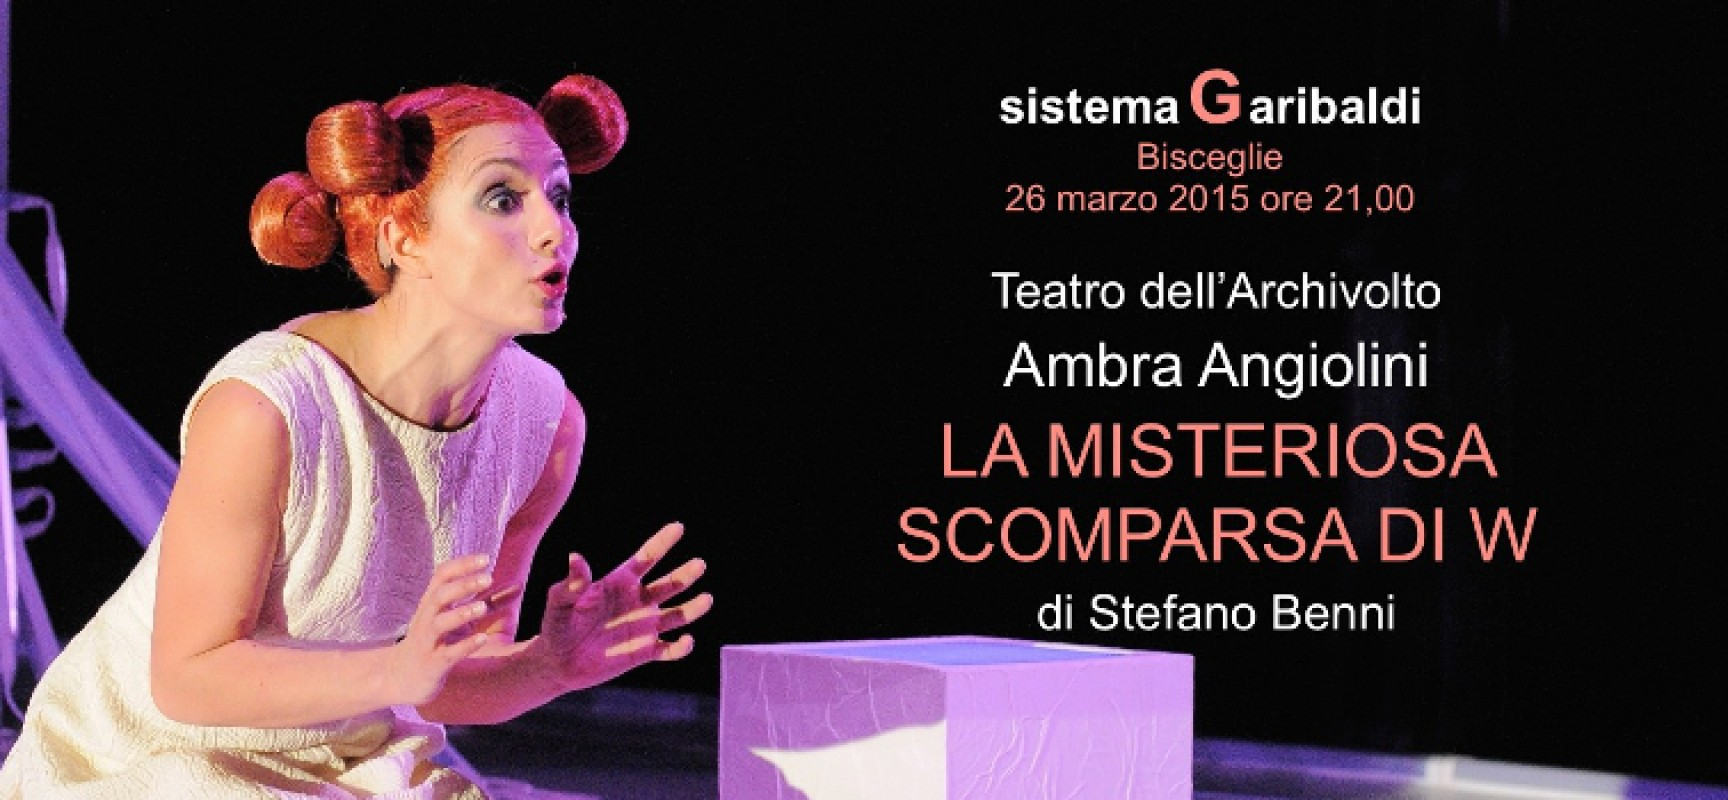 """""""La misteriosa scomparsa di W"""", Ambra Angiolini di scena giovedì 26 al Garibaldi"""